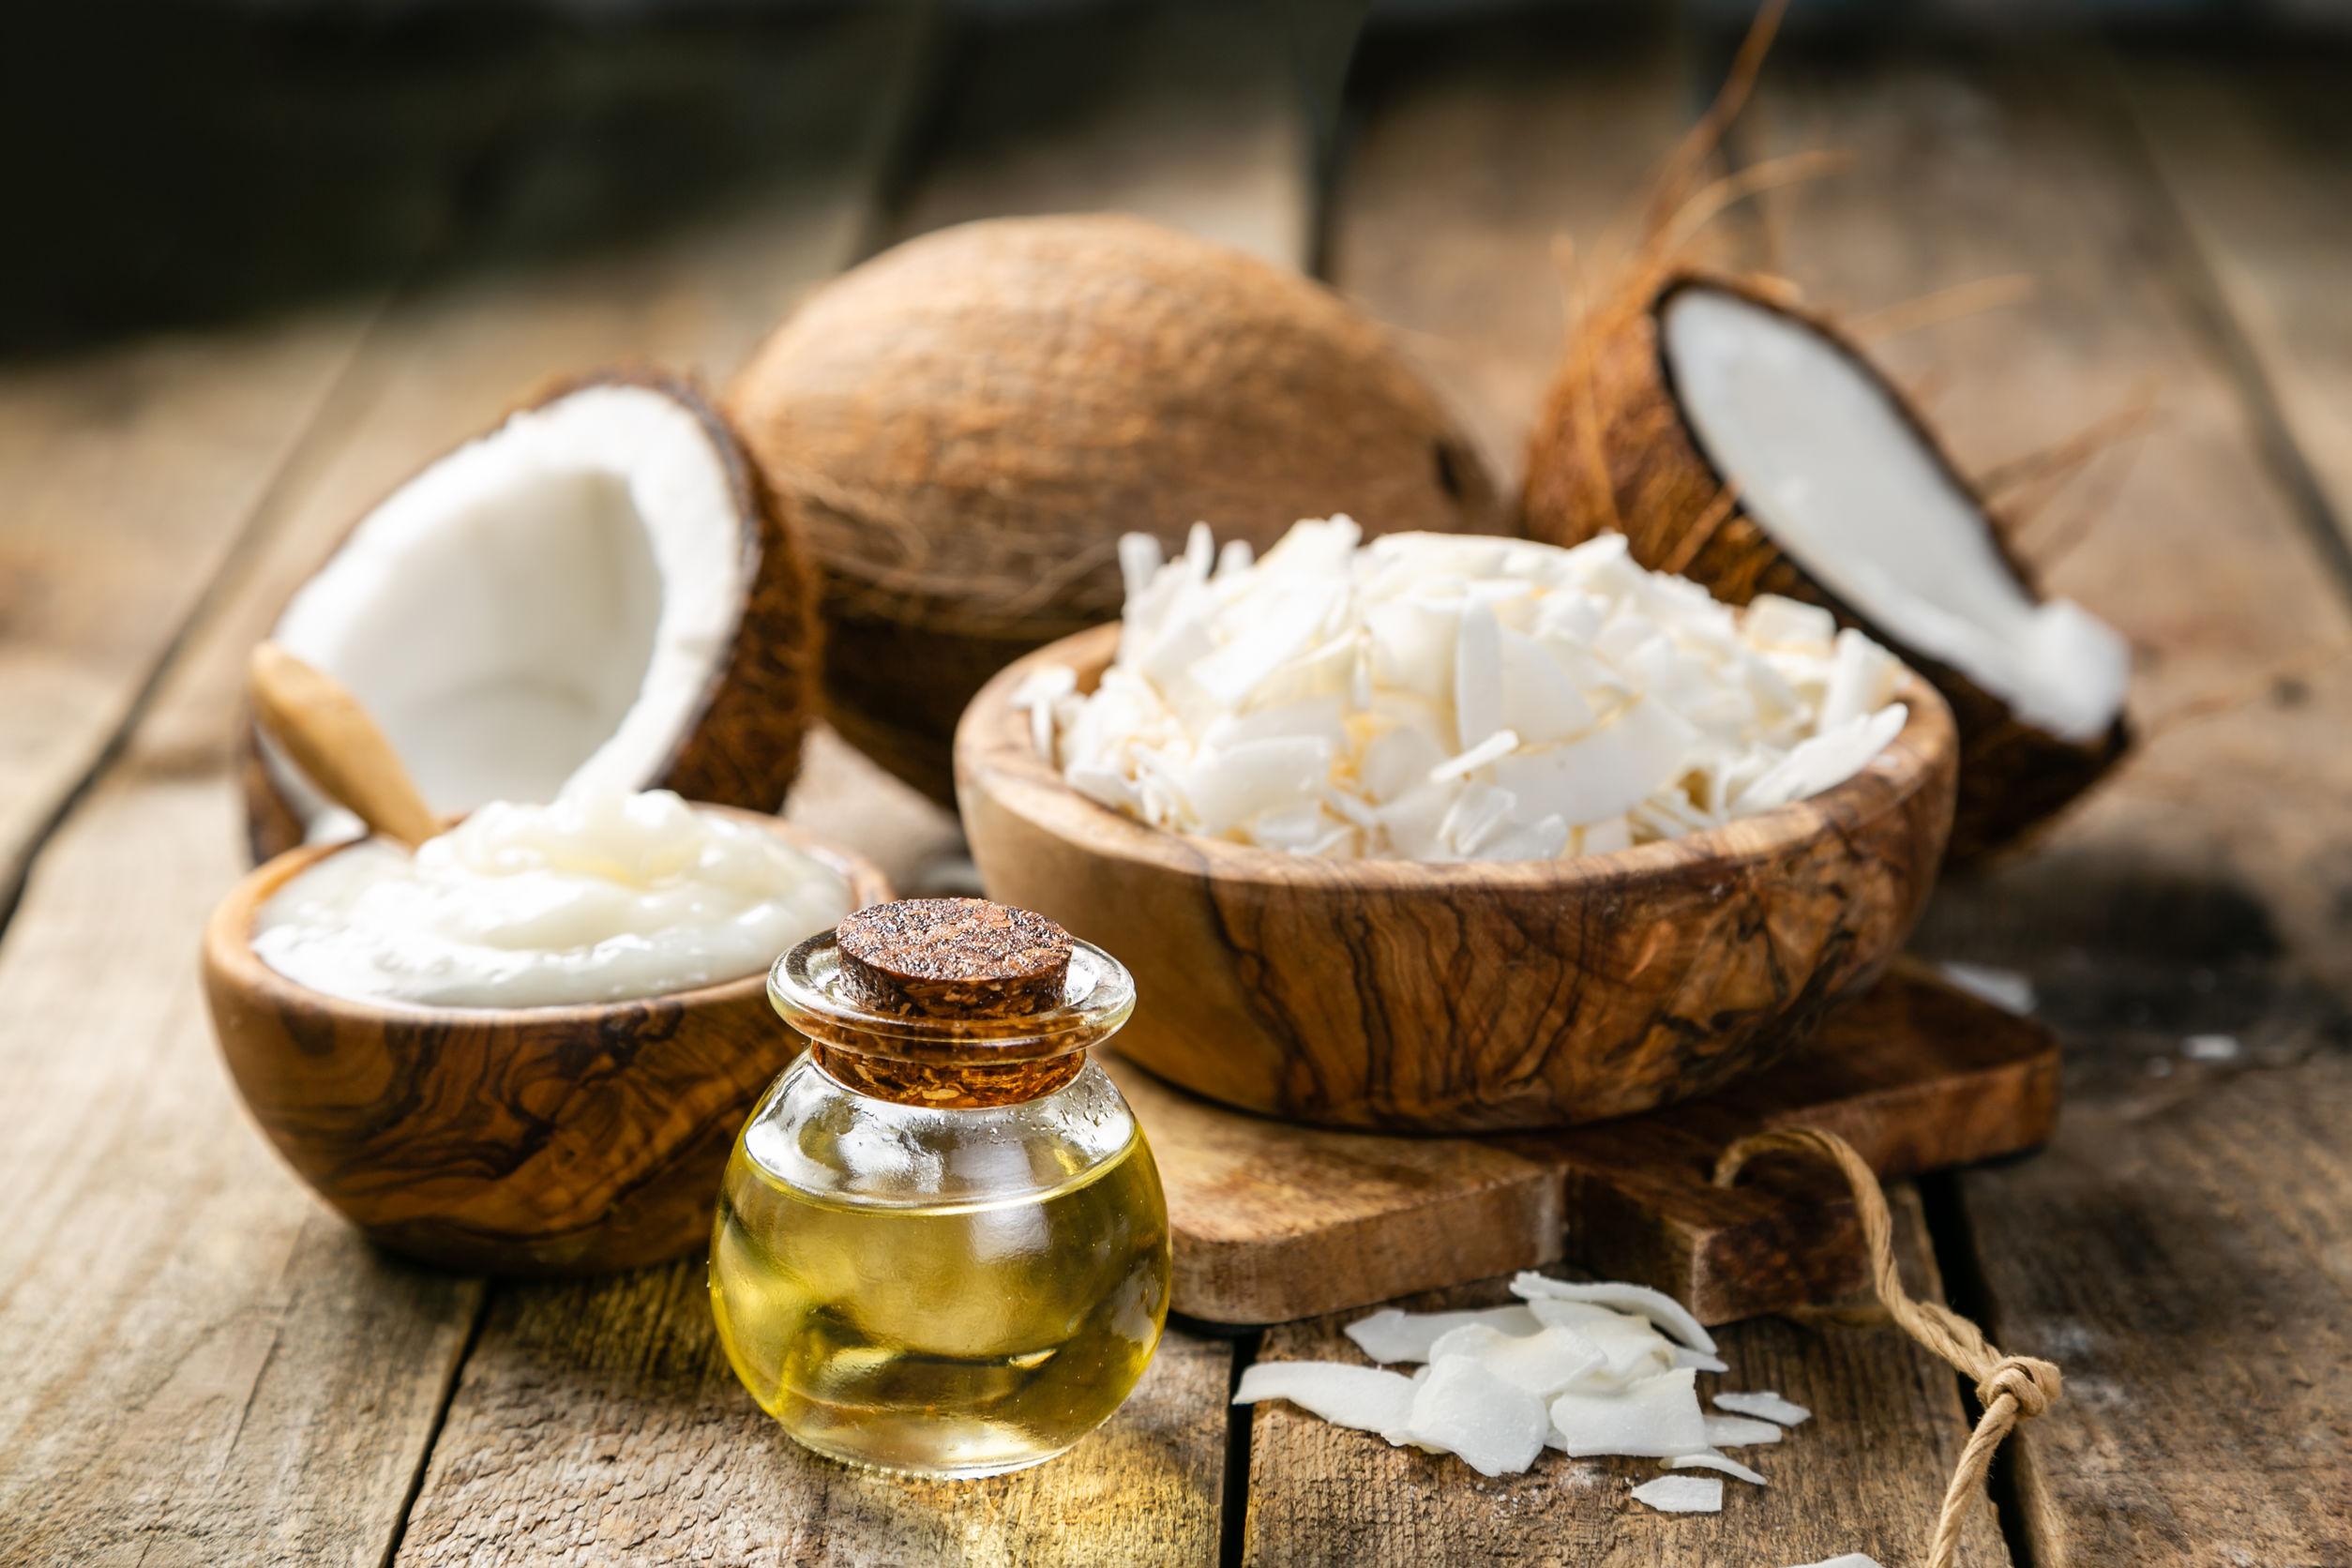 Aceite de coco: ¿Cuál es el mejor de 2021?